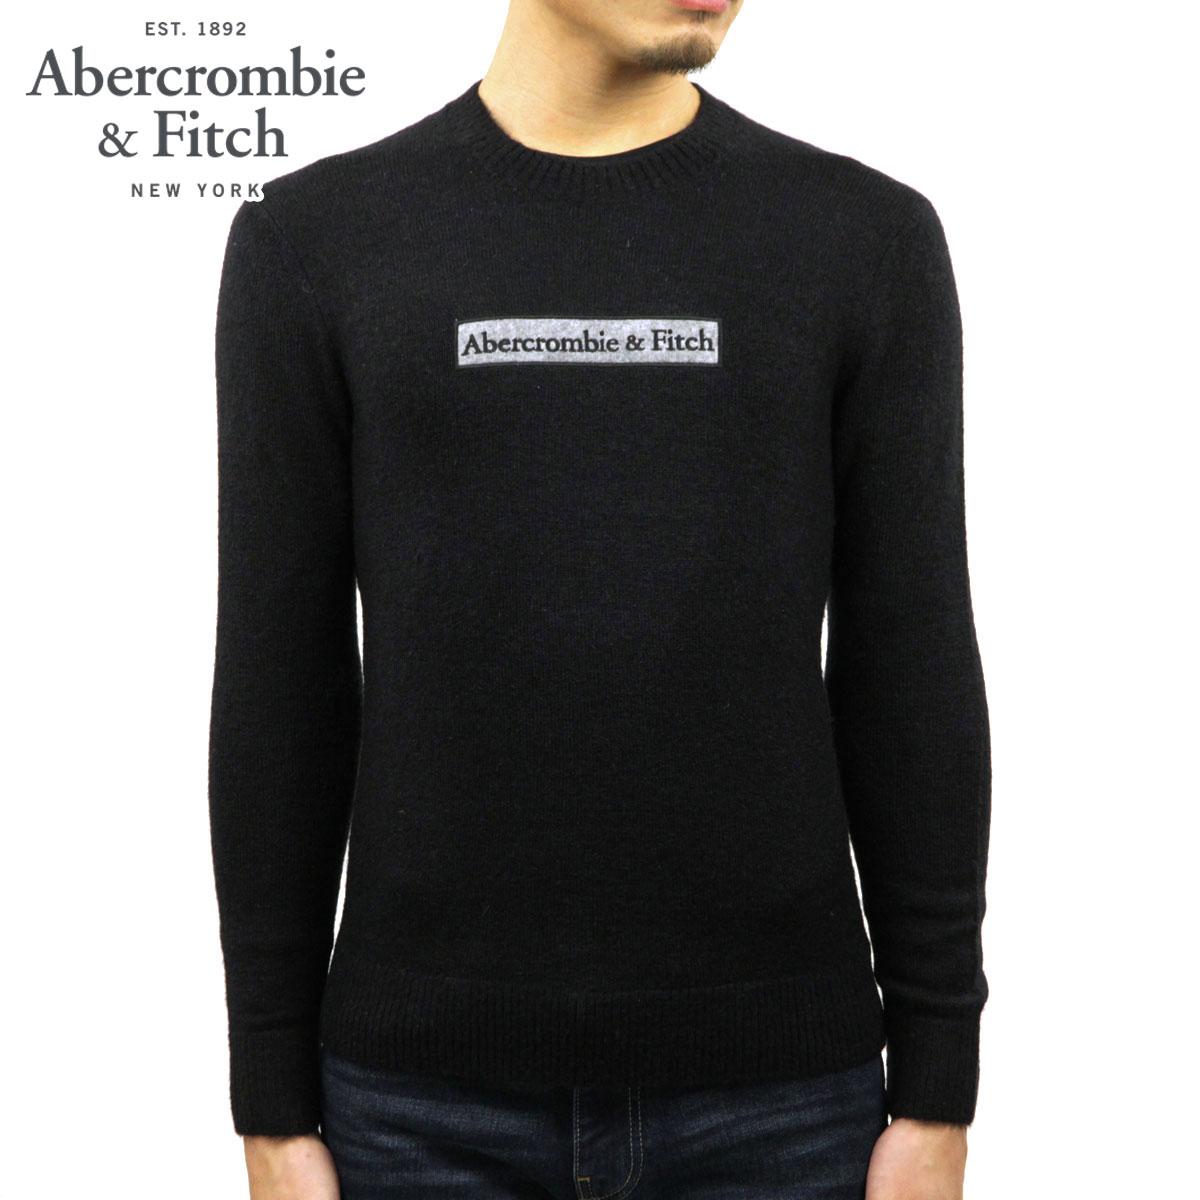 アバクロ セーター メンズ 正規品 Abercrombie&Fitch クルーネックセーター ロゴ LOGO SWEATER 120-201-1662-900